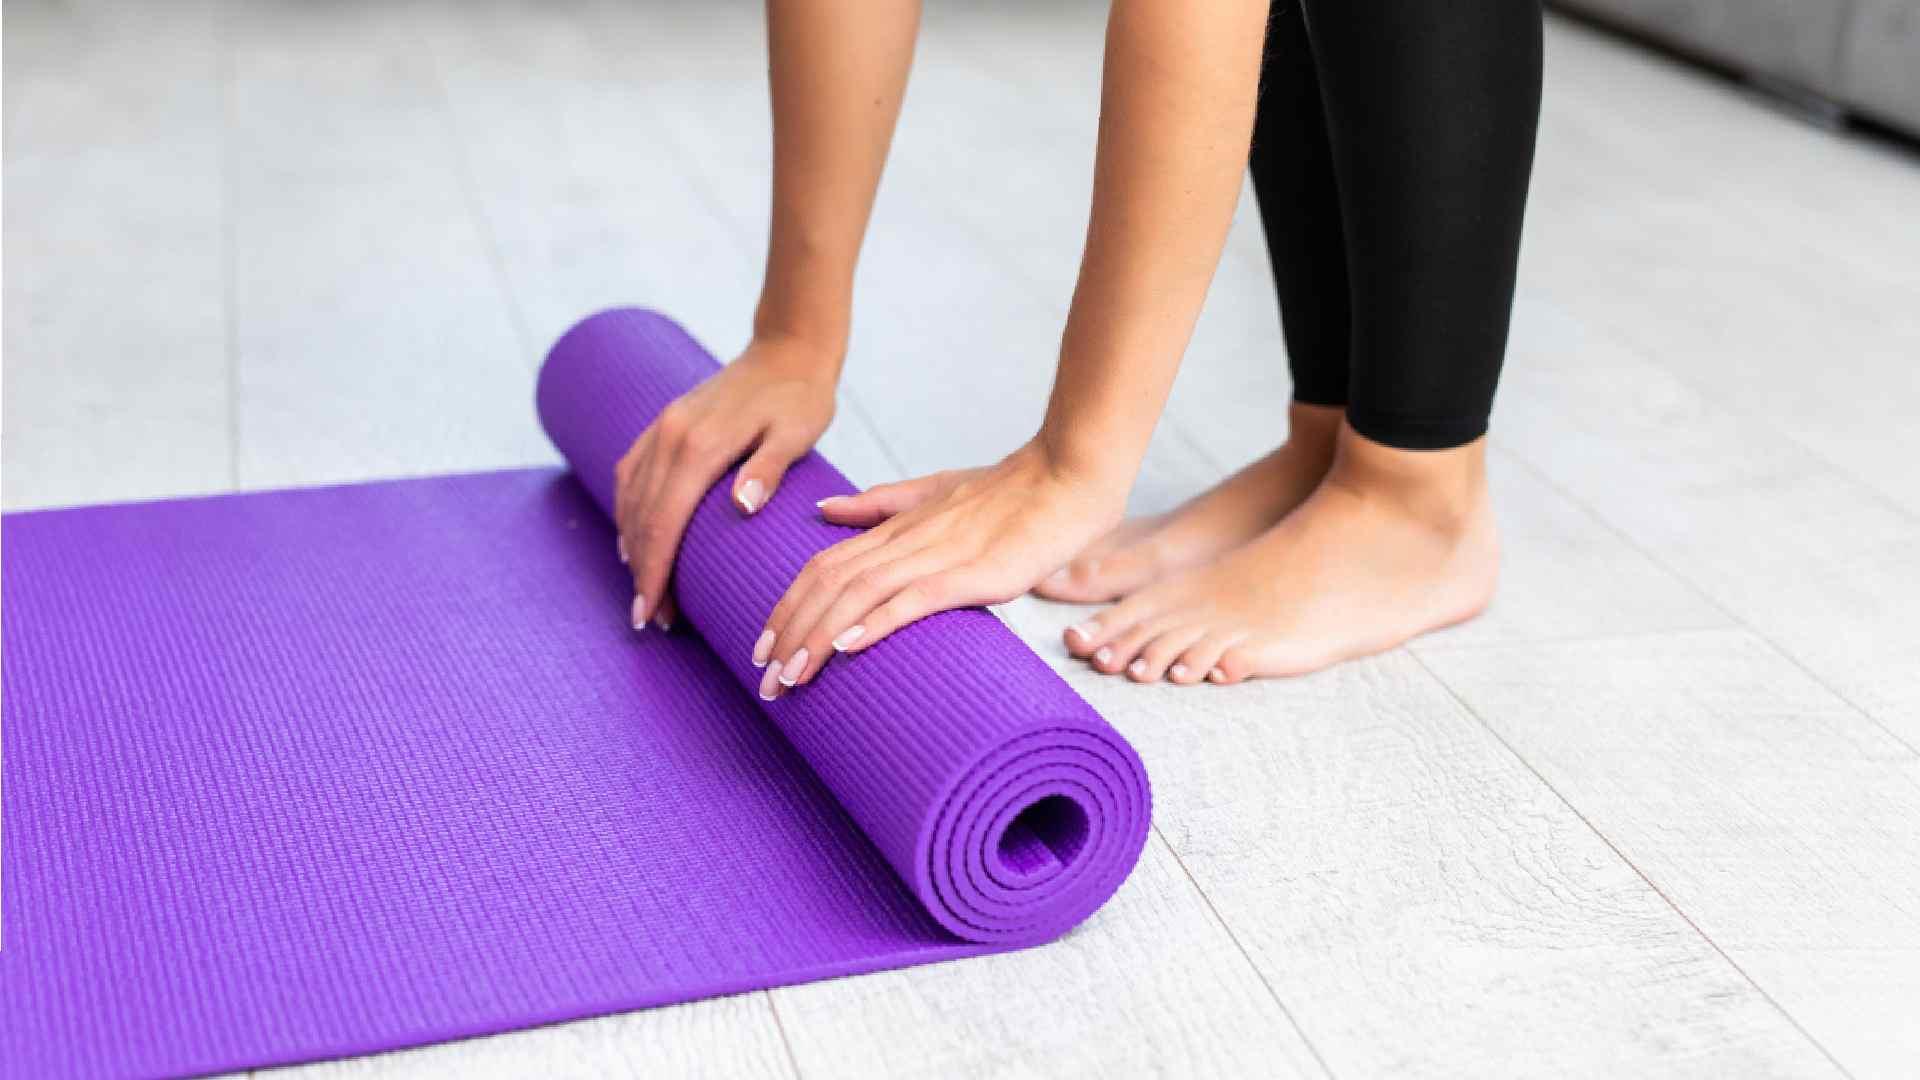 Mulher desenrolando um tapete de yoga roxo no chão